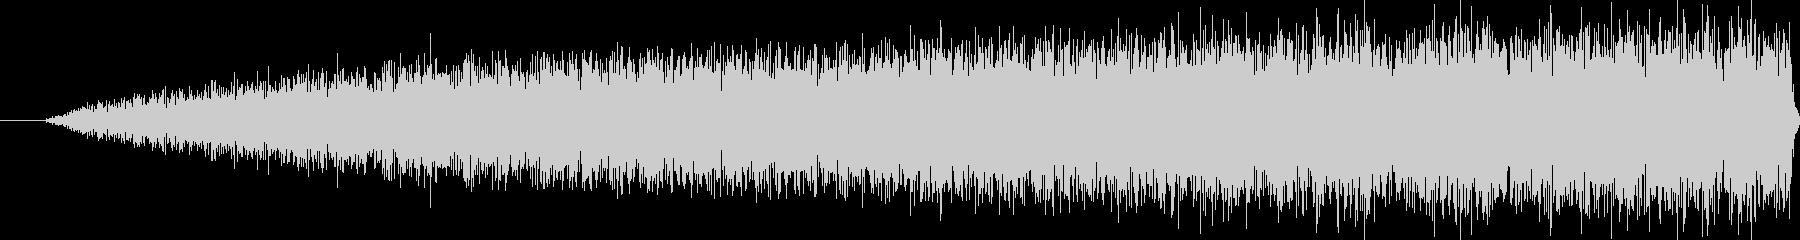 チャージ音の未再生の波形